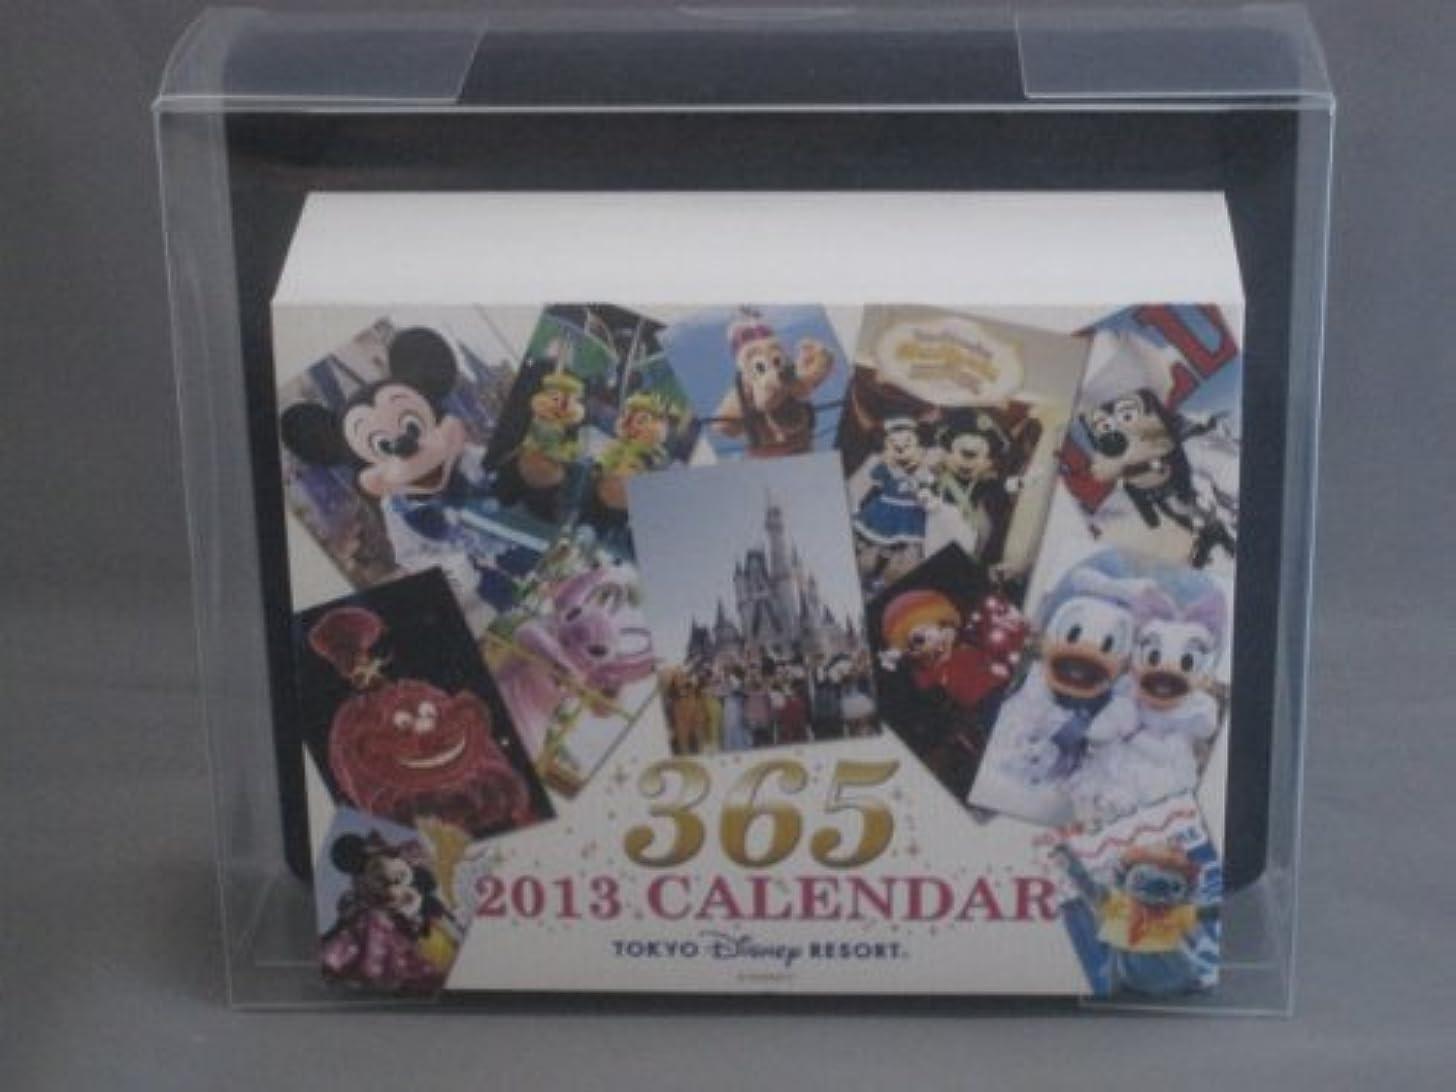 有用あえぎ品揃えディズニー 2013 カレンダー